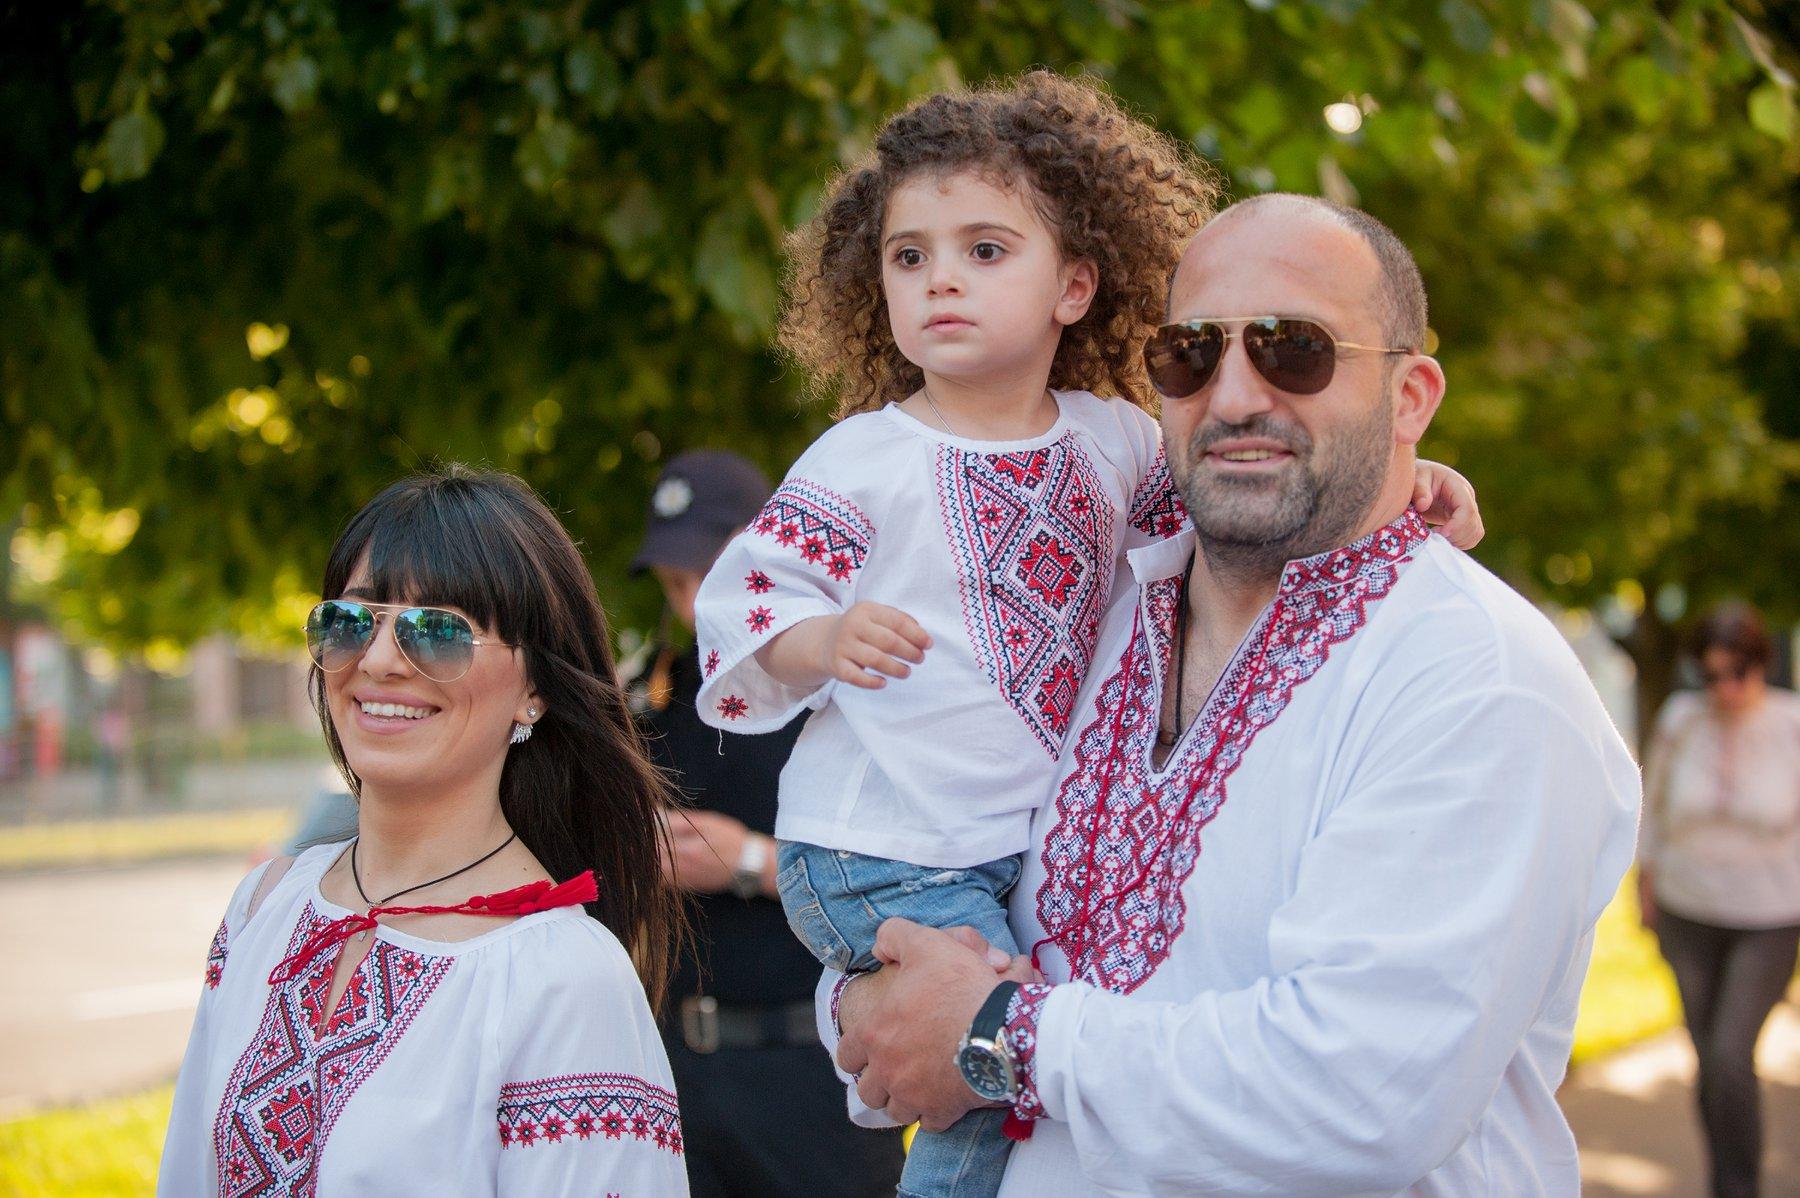 Самый патриотичный марш года: 12 фото о том, как запорожцы отметили День вышиванки